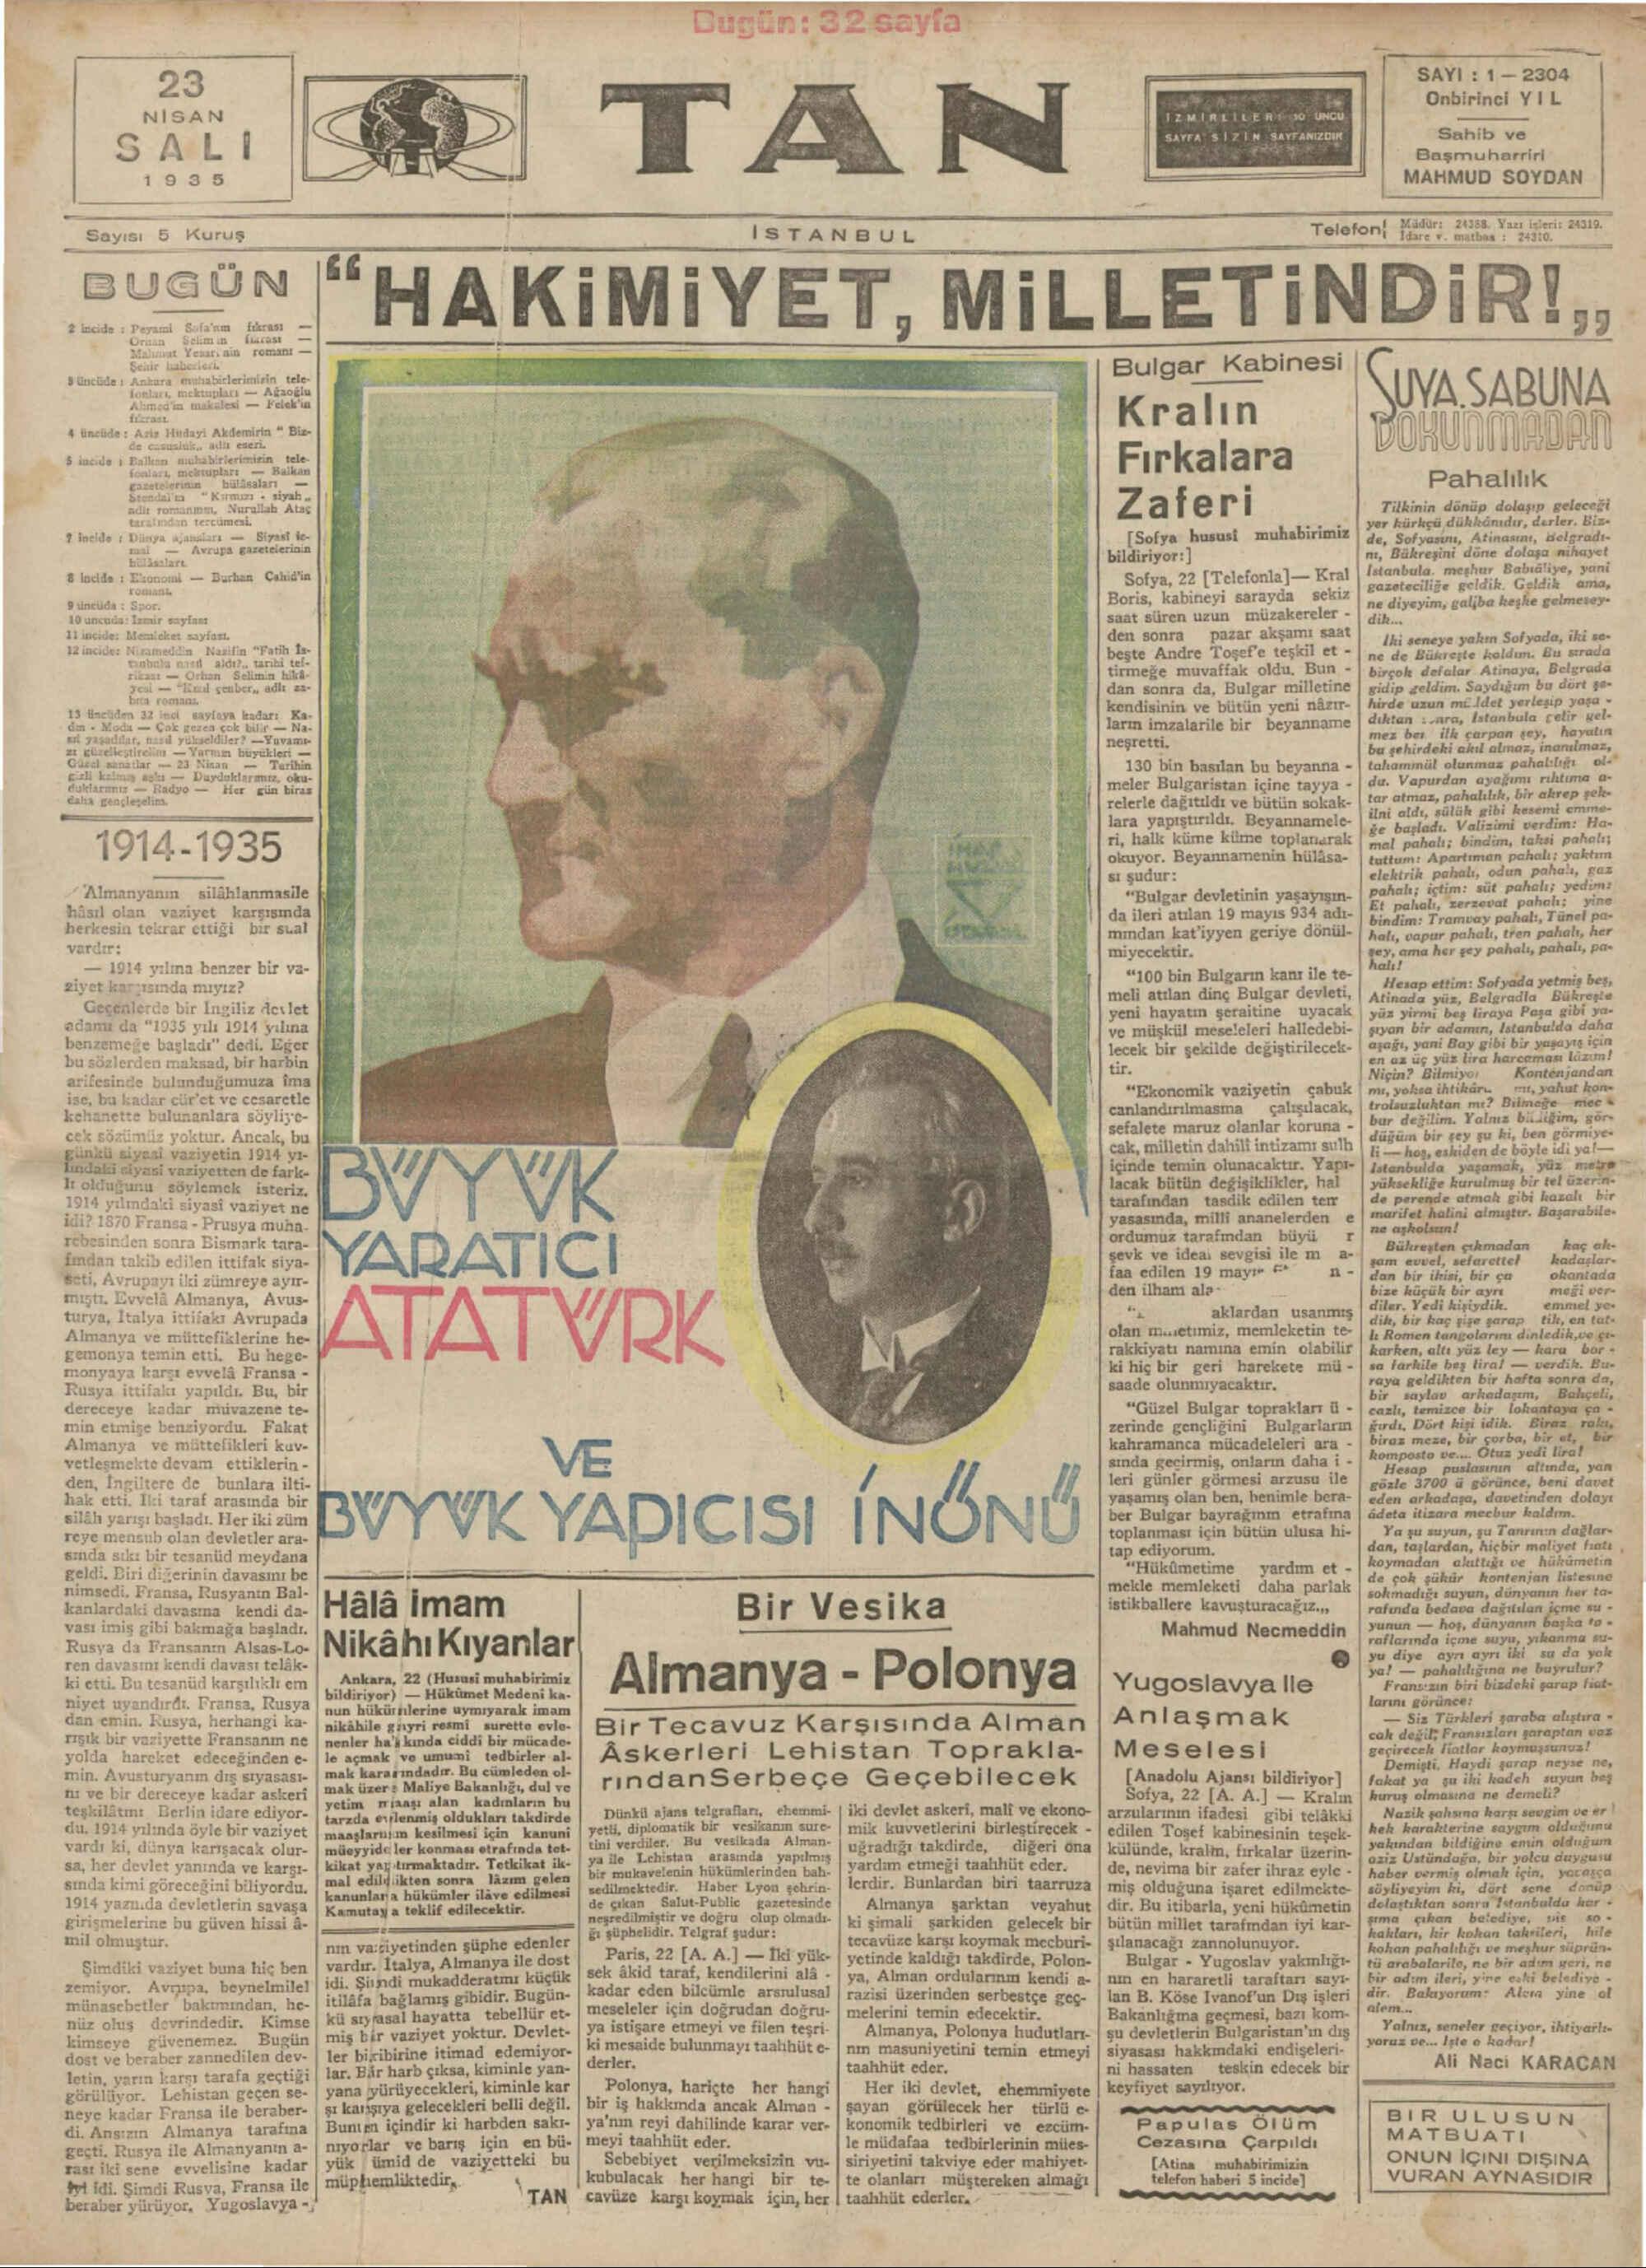 fıkcası — Ükcası — n romanı — (l ıı*ı erimlrin tele- darı — Ağaoğlu Vüncüde 1 A 4 üncüde * Hüdayi Akdemirin * Biz- k, adlı eseri. $ incide * Balkan eh babirlerimizin —tele- 1, mektupları — Balkan © tercümesi, darı — Biyak! ke- taca ? incide * Dünya mal — Avrupa gazetelerinin * <LT DS eee HAKiMi YET MıLLETıNDıR.,, WATT UYA SABUNA Kralın Ti OKUNMADEAN Fırkalara Parîalılıkum_ ea â Z a fe I'İ Tilkinin dönüp dolaşıp geleceği yer kürkçü dükkânıdır, derler. Biz- ISofya husust muhabirimiz | 77 Sopyasını, Atinasını, Helgradı. İ | bildirivor:| nı, Bükreşini döne dolaşa inihayet